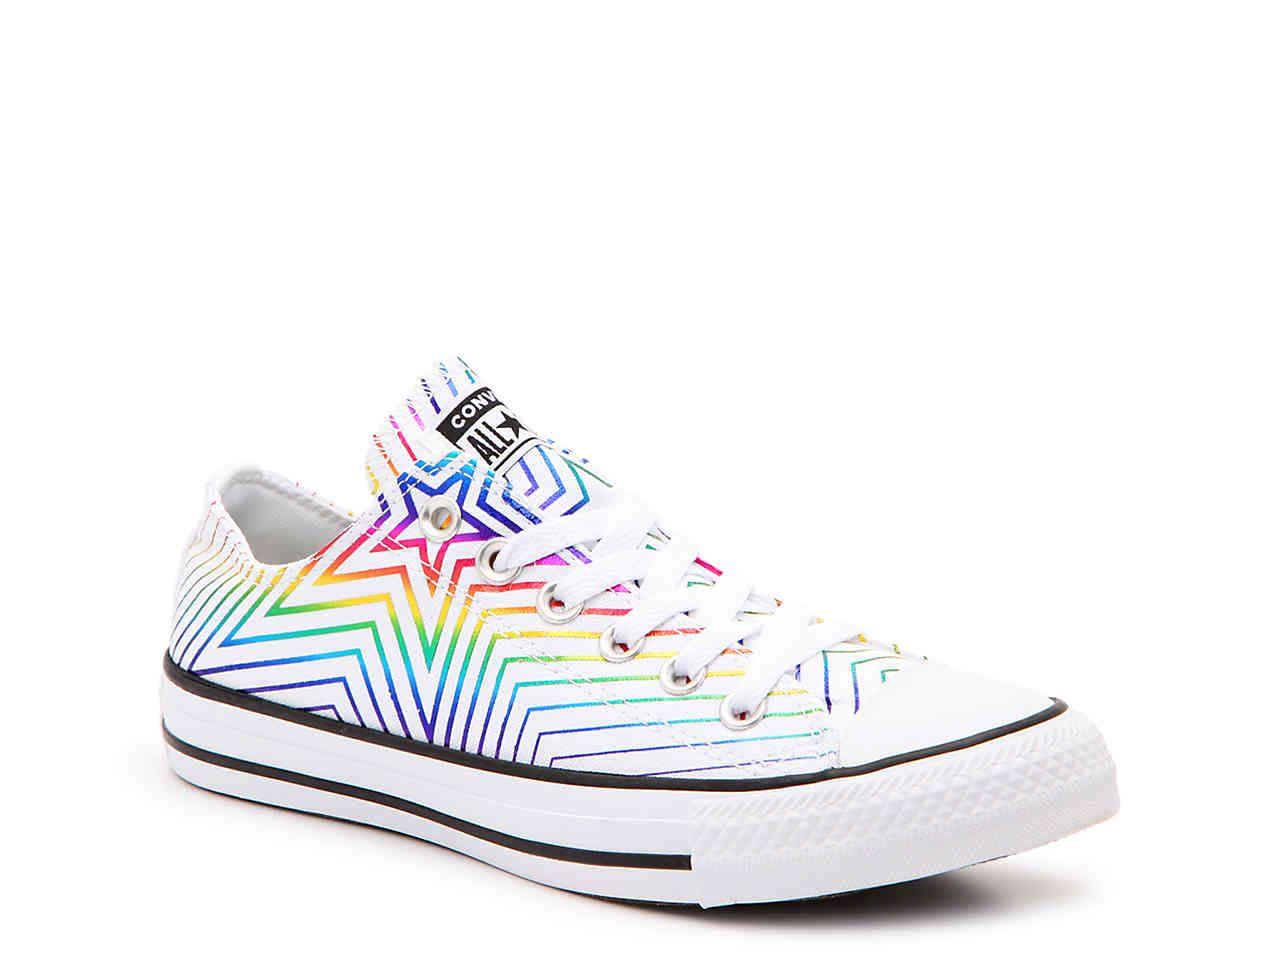 Converse Chuck Taylor All Star Rainbow